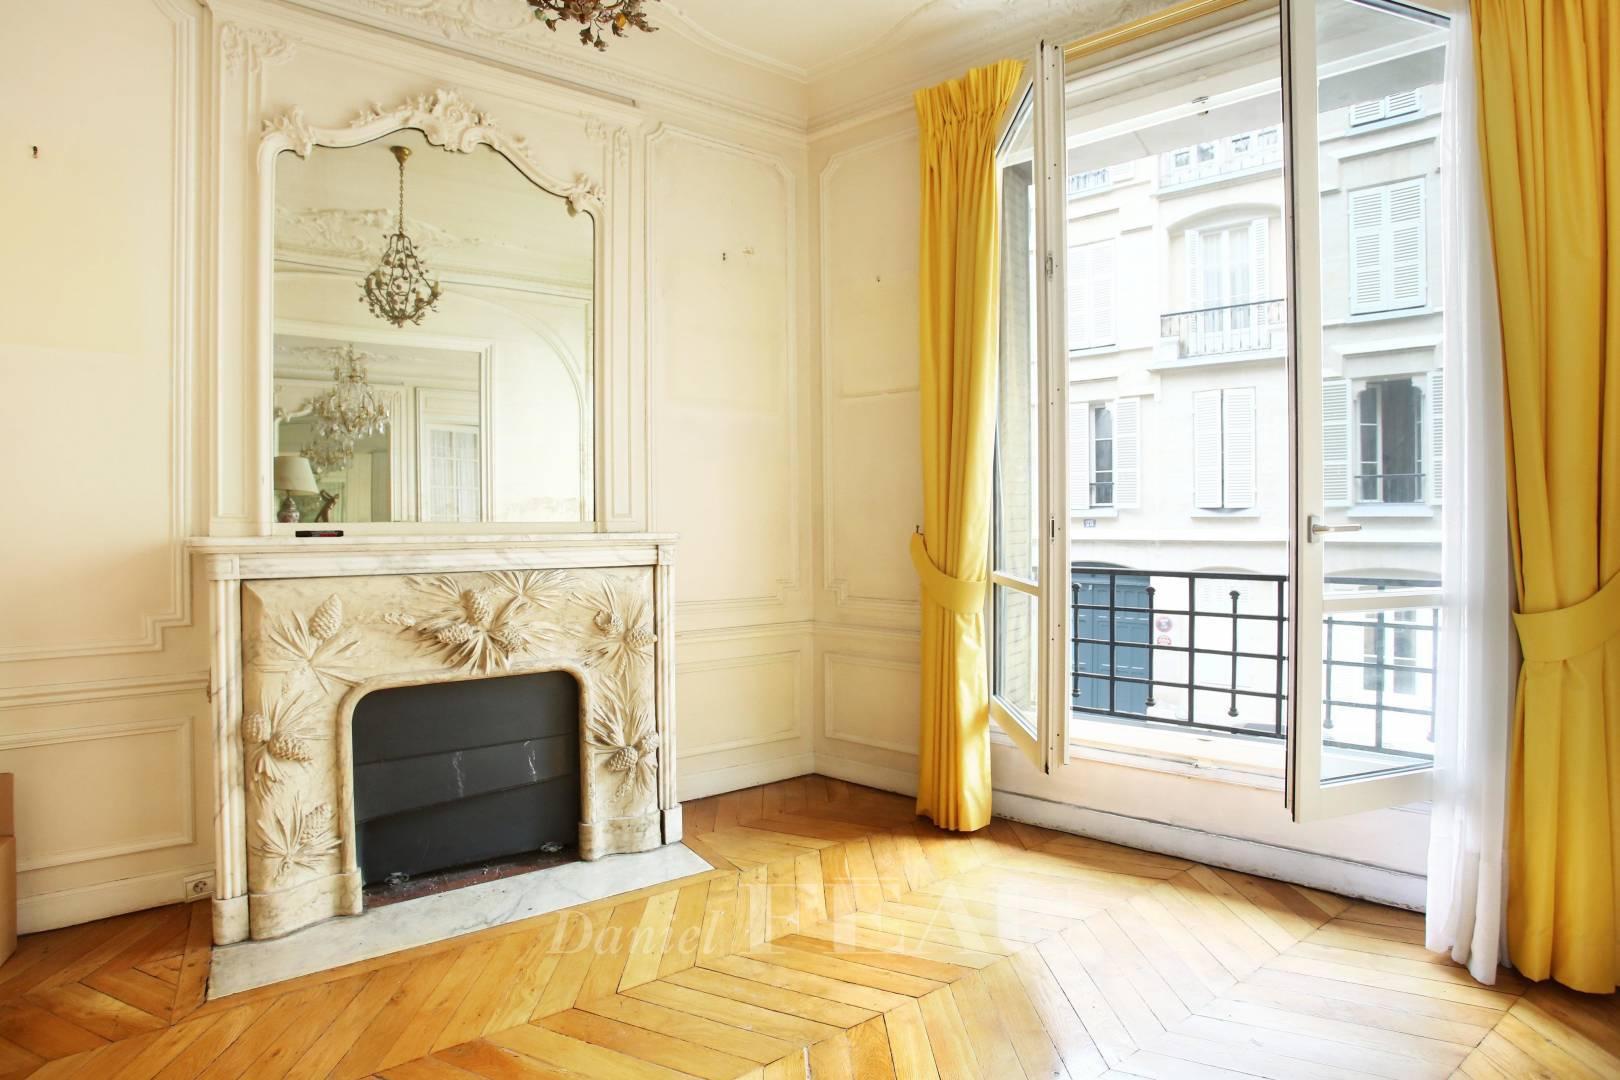 Living-room Fireplace Wooden floor